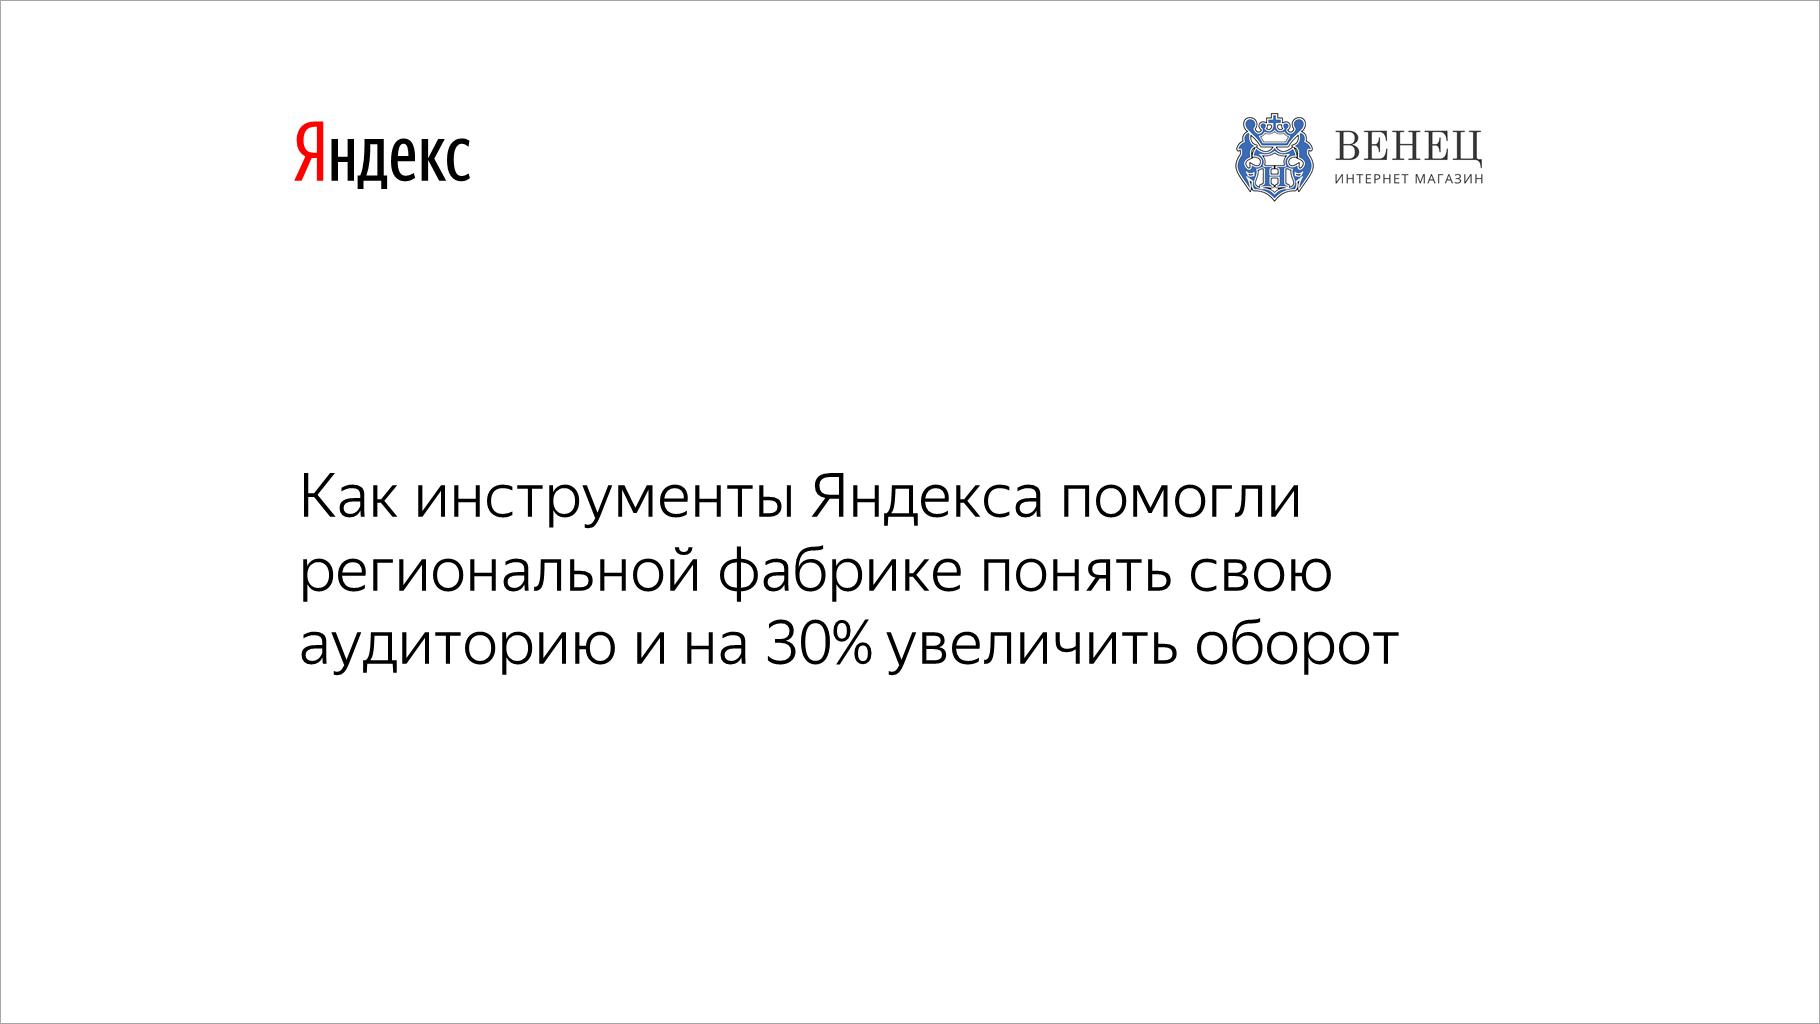 Как инструменты Яндекса помогли региональной фабрике понять свою аудиторию ина30% увеличить оборот